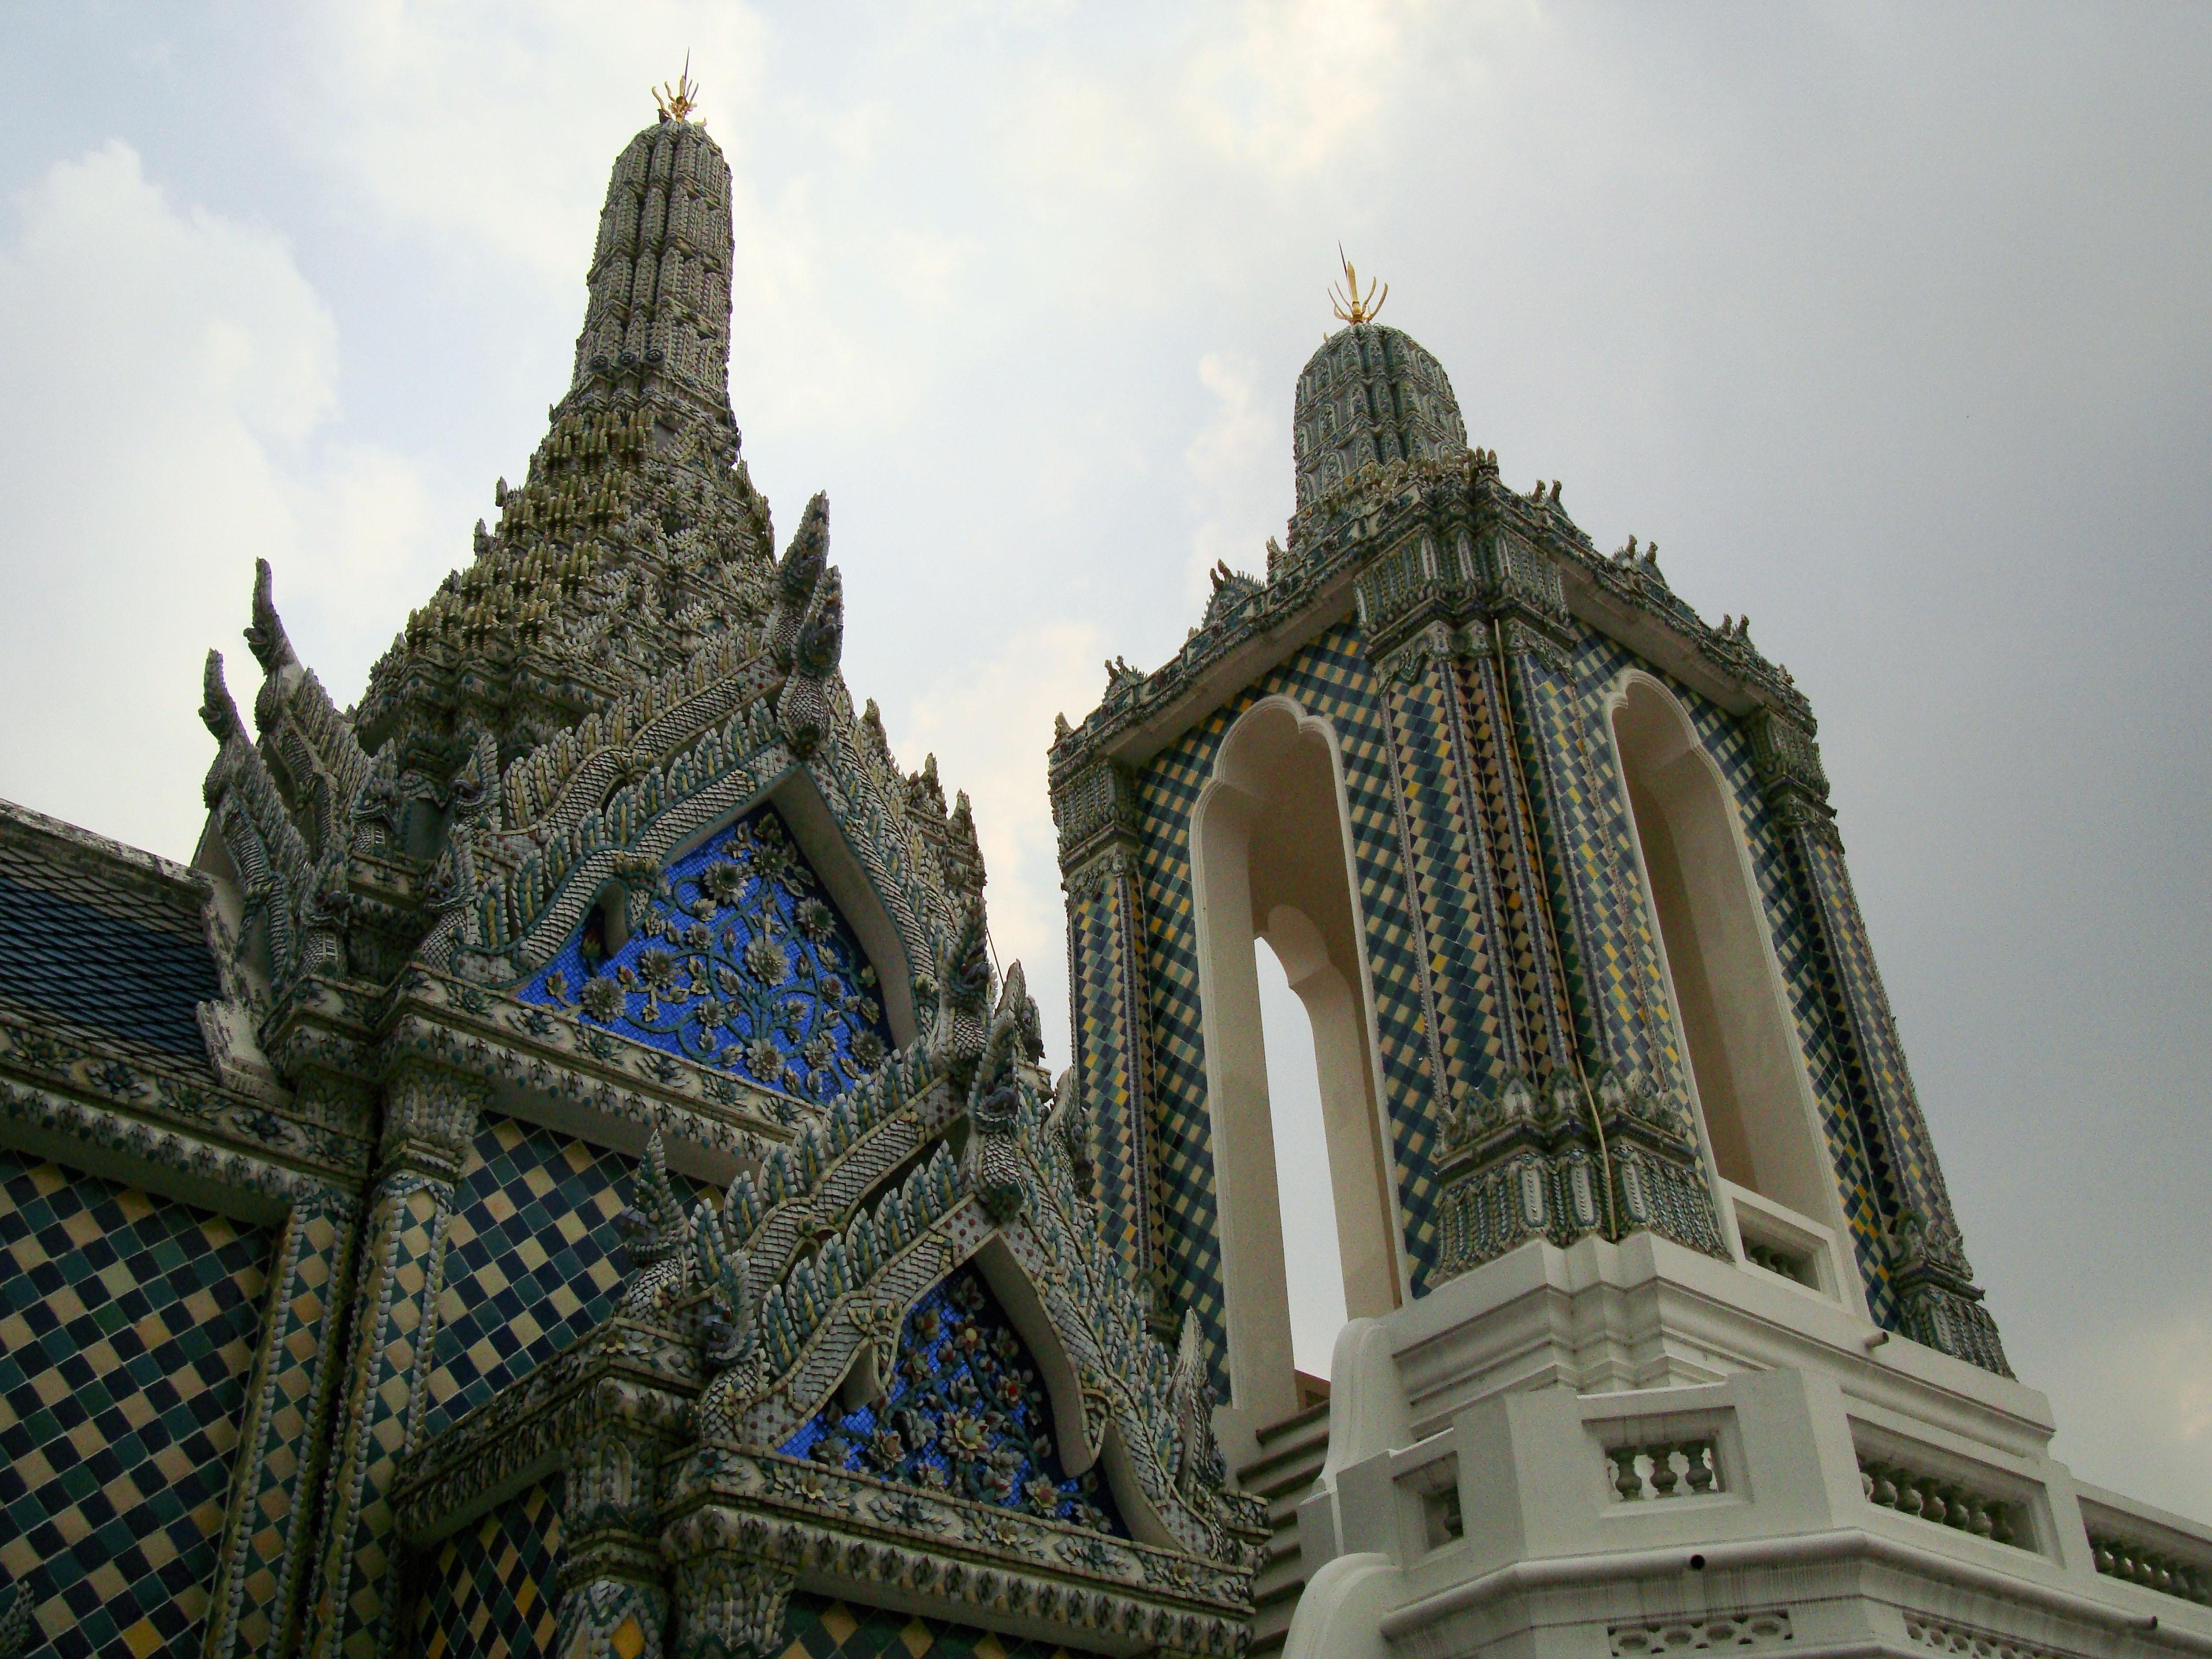 Grand Palace Phra Borom Maha Ratcha Wang Bangkok Thailand 47